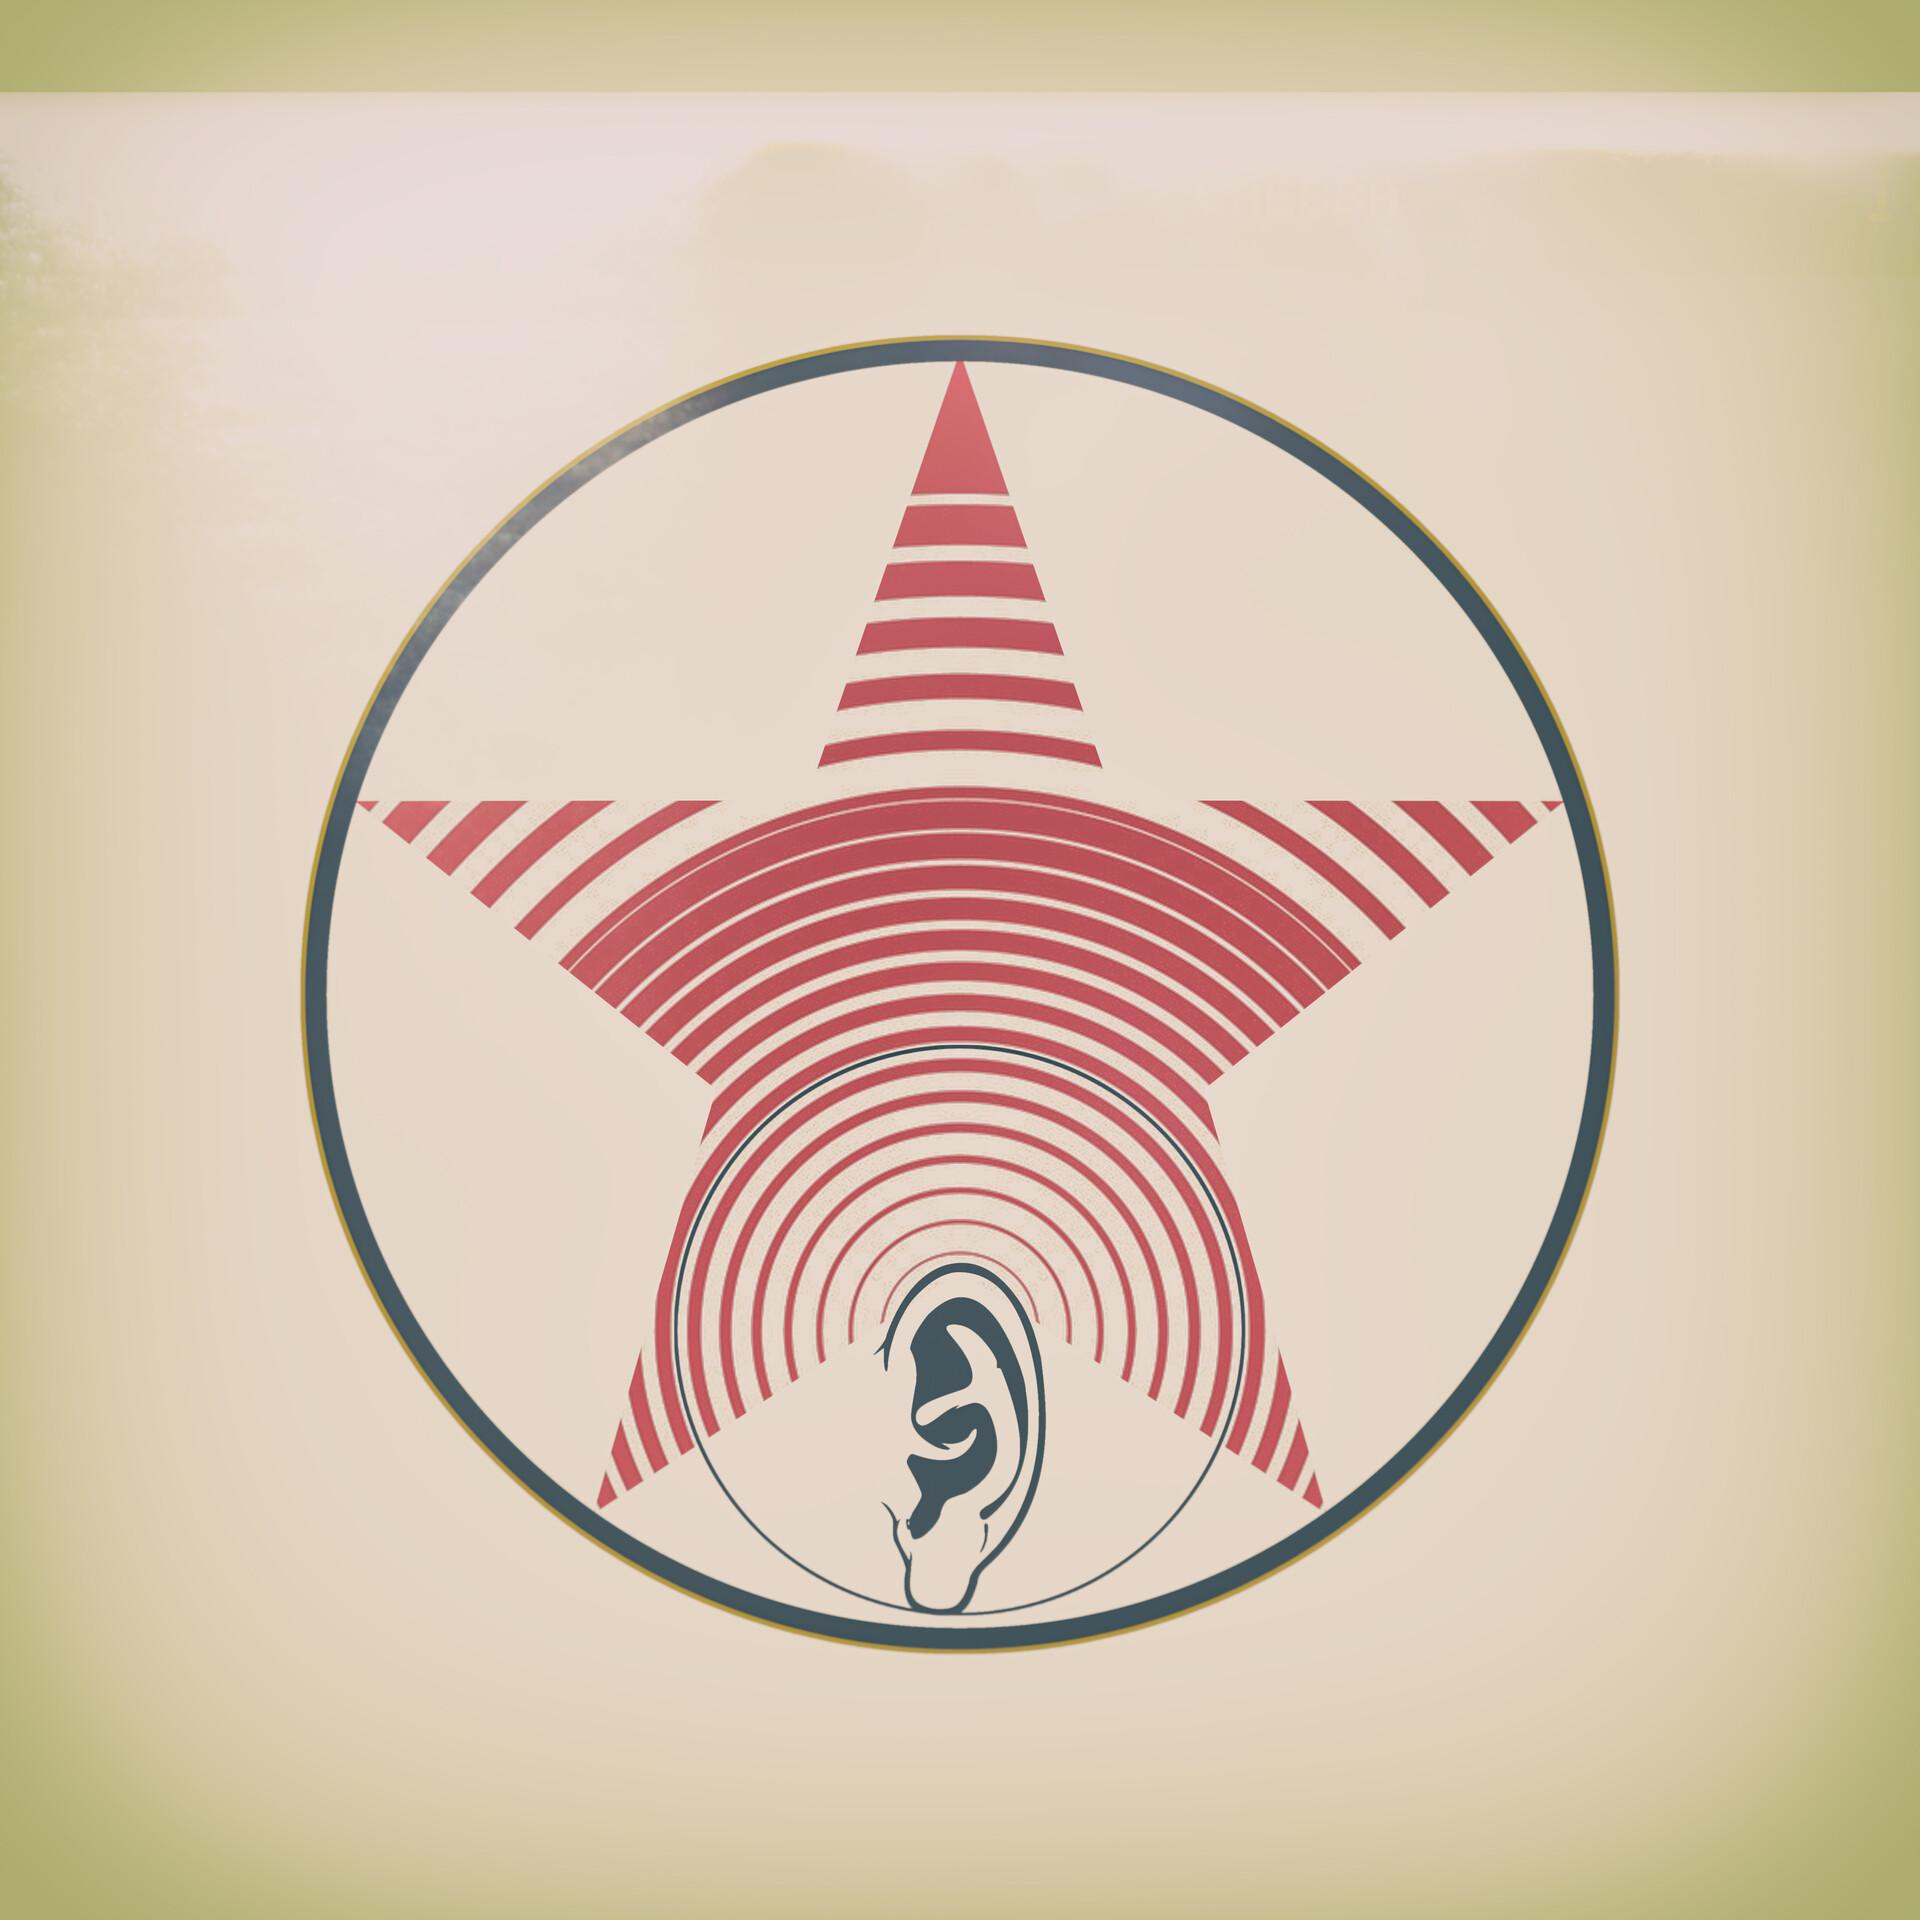 Ben nicholas bennicholas kom graphicdesign zonetalker 01